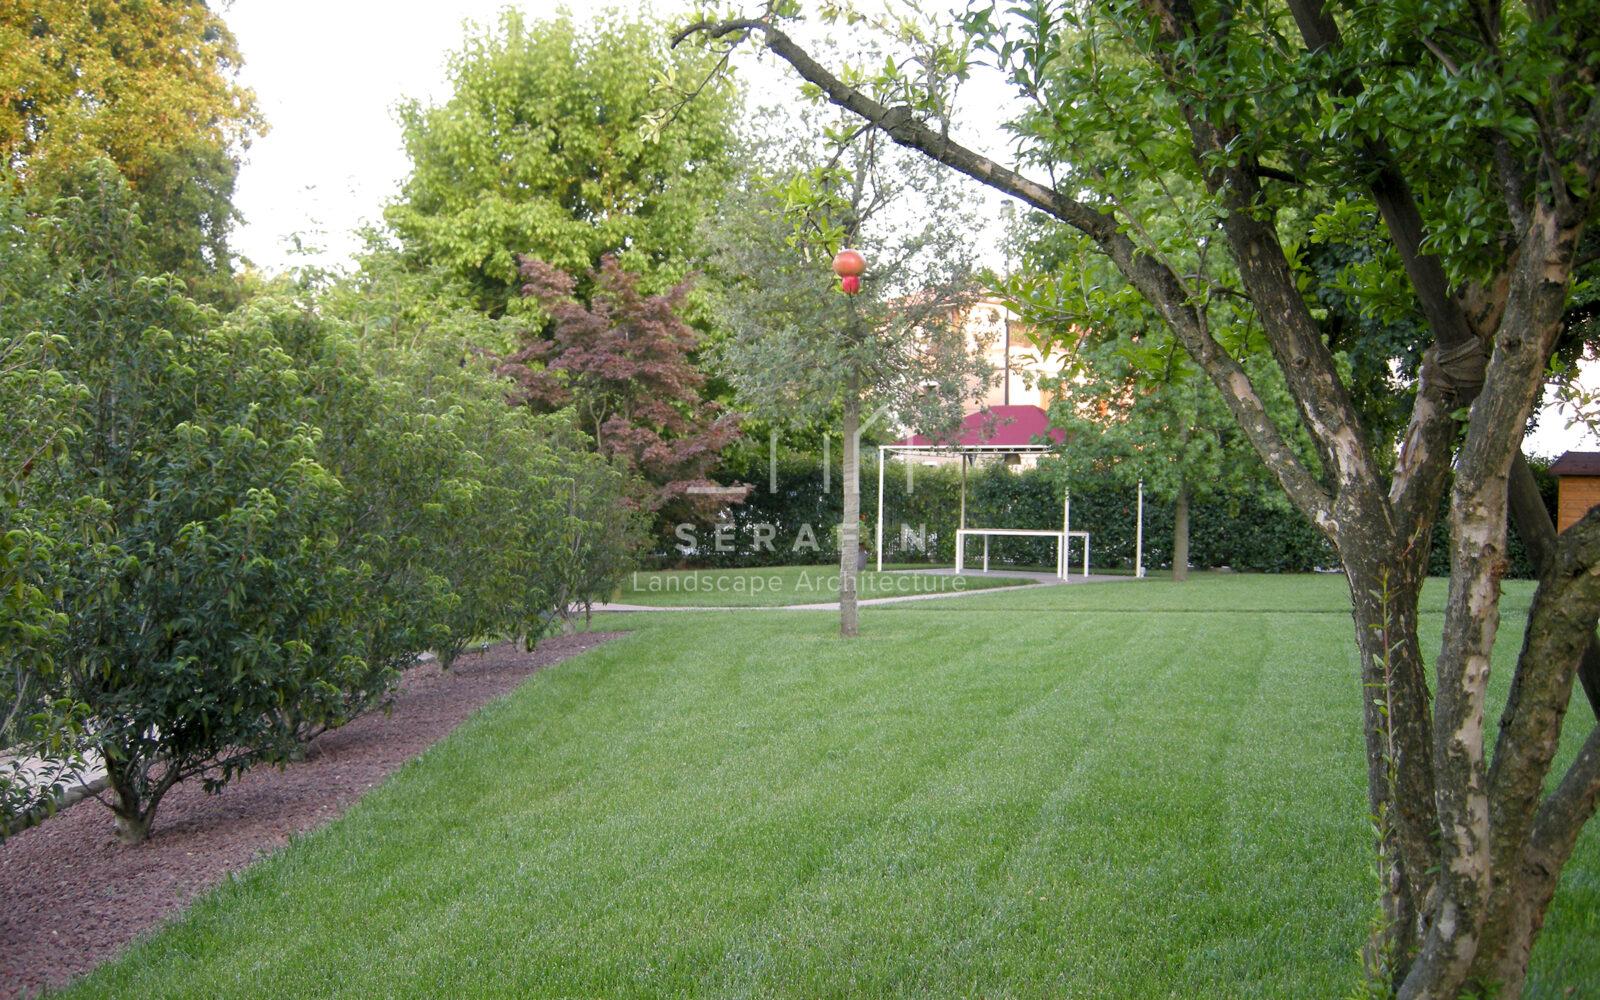 giardino privato con erbacee perenni a Treviso - 5